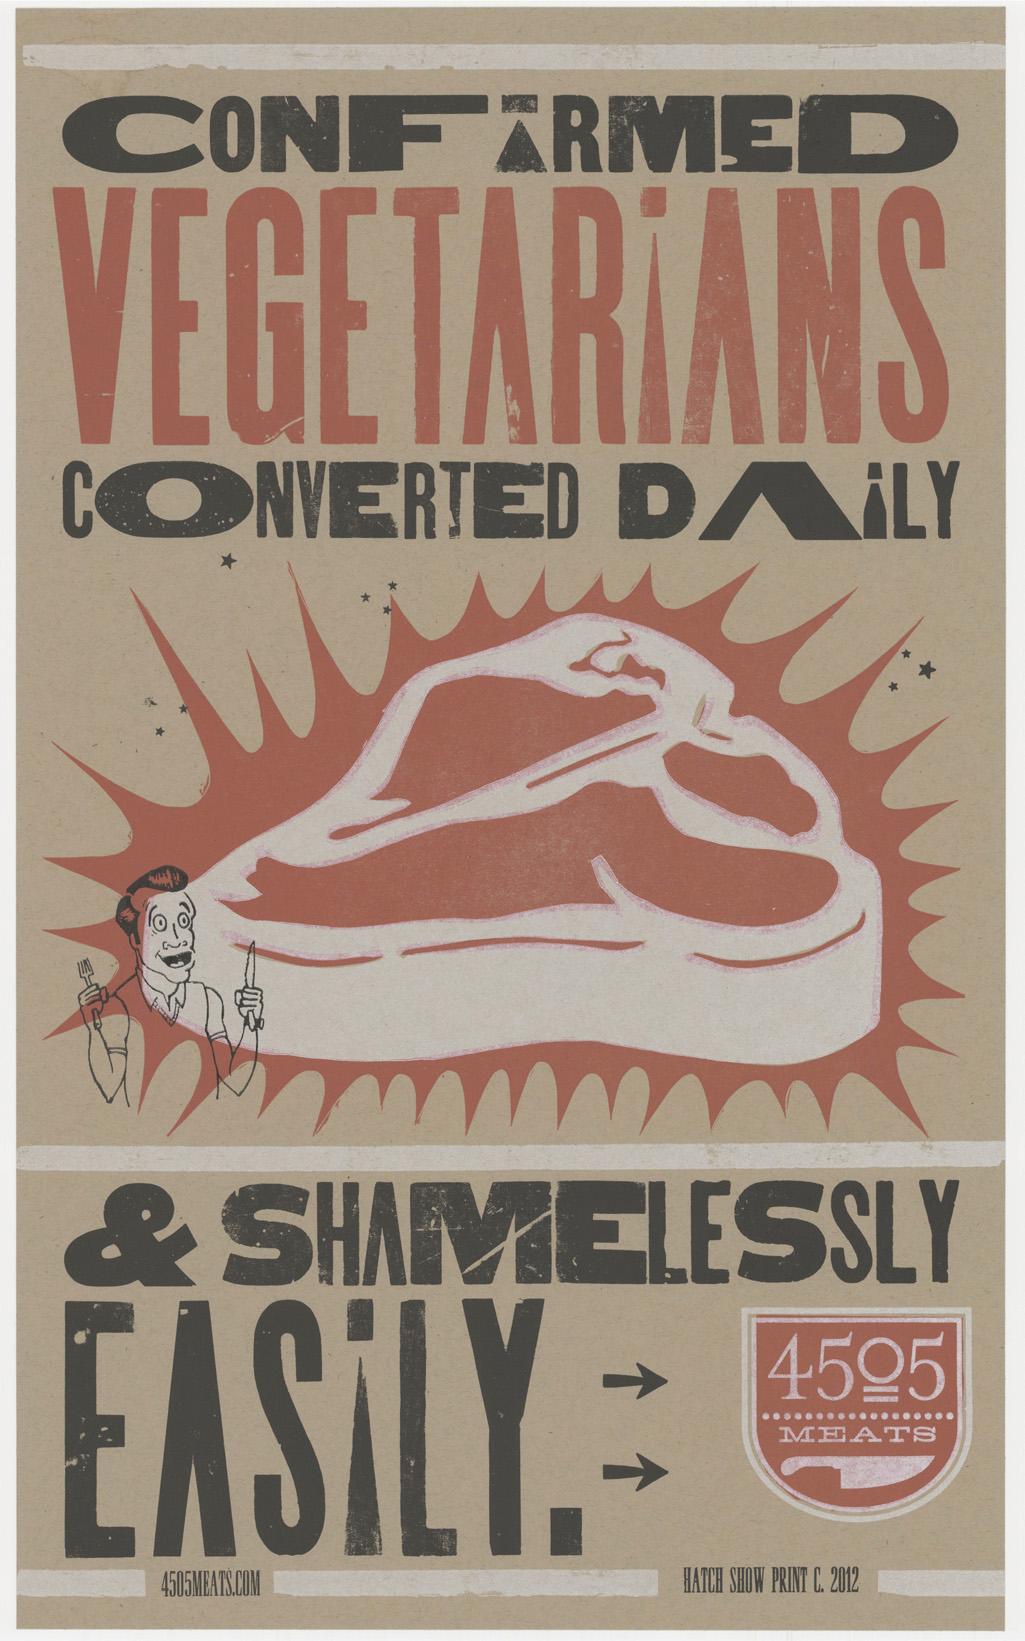 4505 Meats Vegetarians